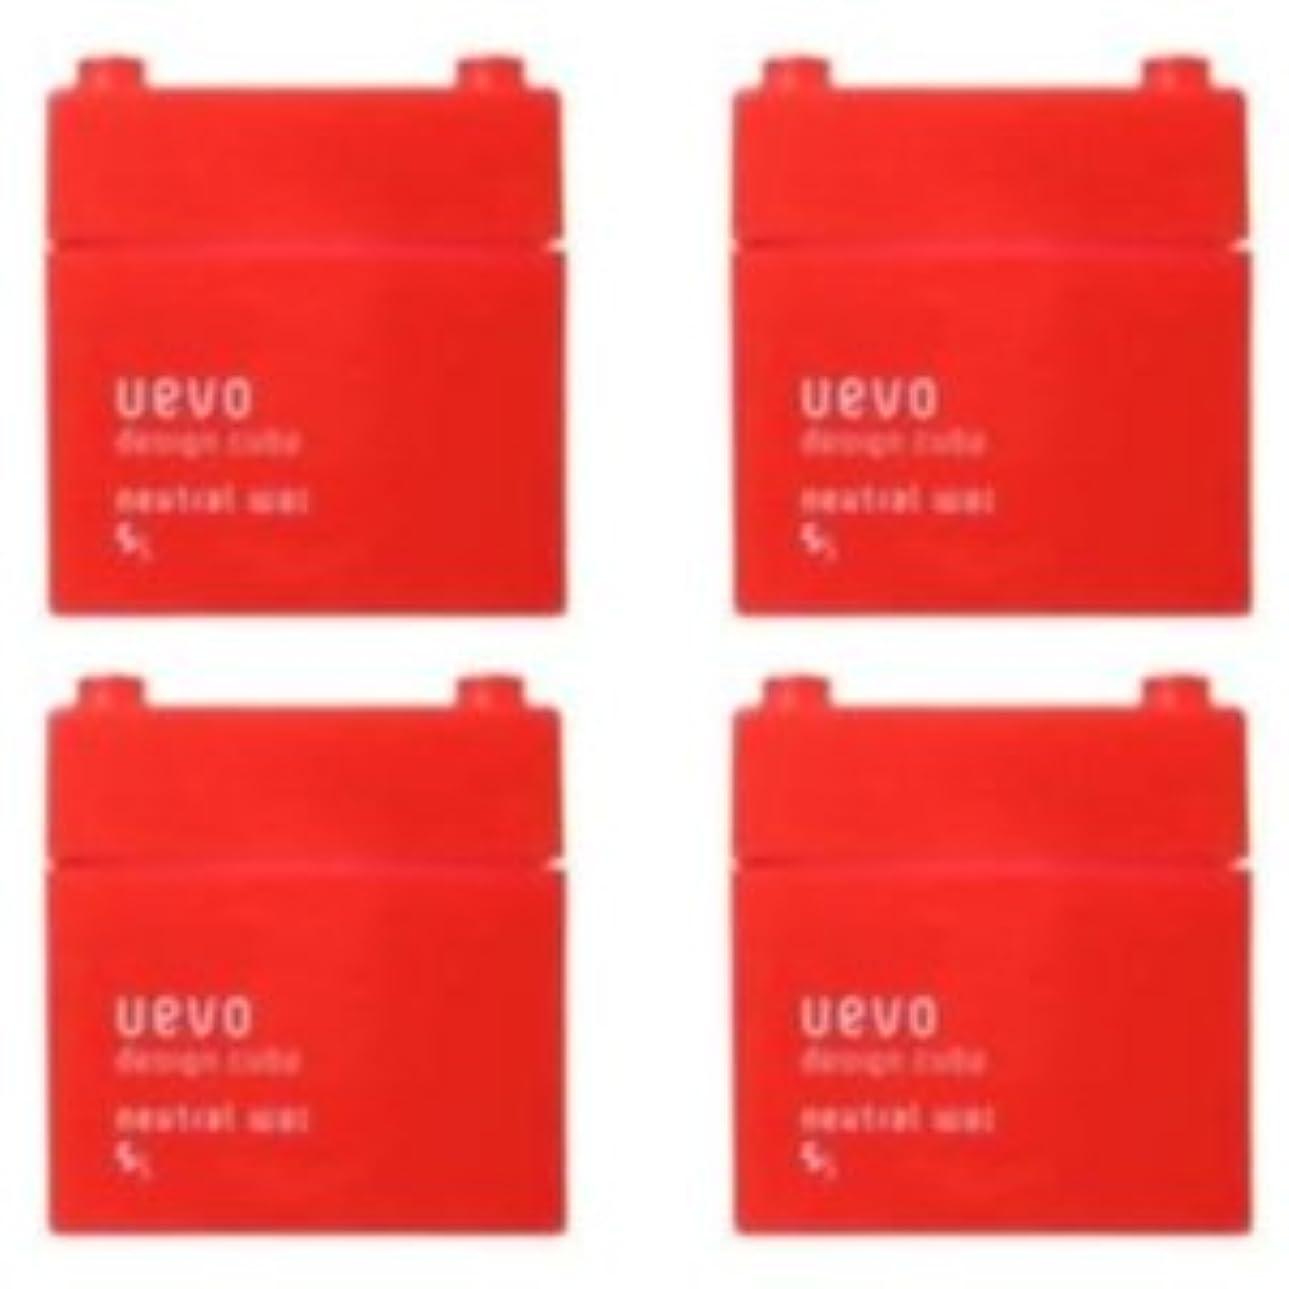 豆腐記念碑的な砲兵【X4個セット】 デミ ウェーボ デザインキューブ ニュートラルワックス 80g neutral wax DEMI uevo design cube